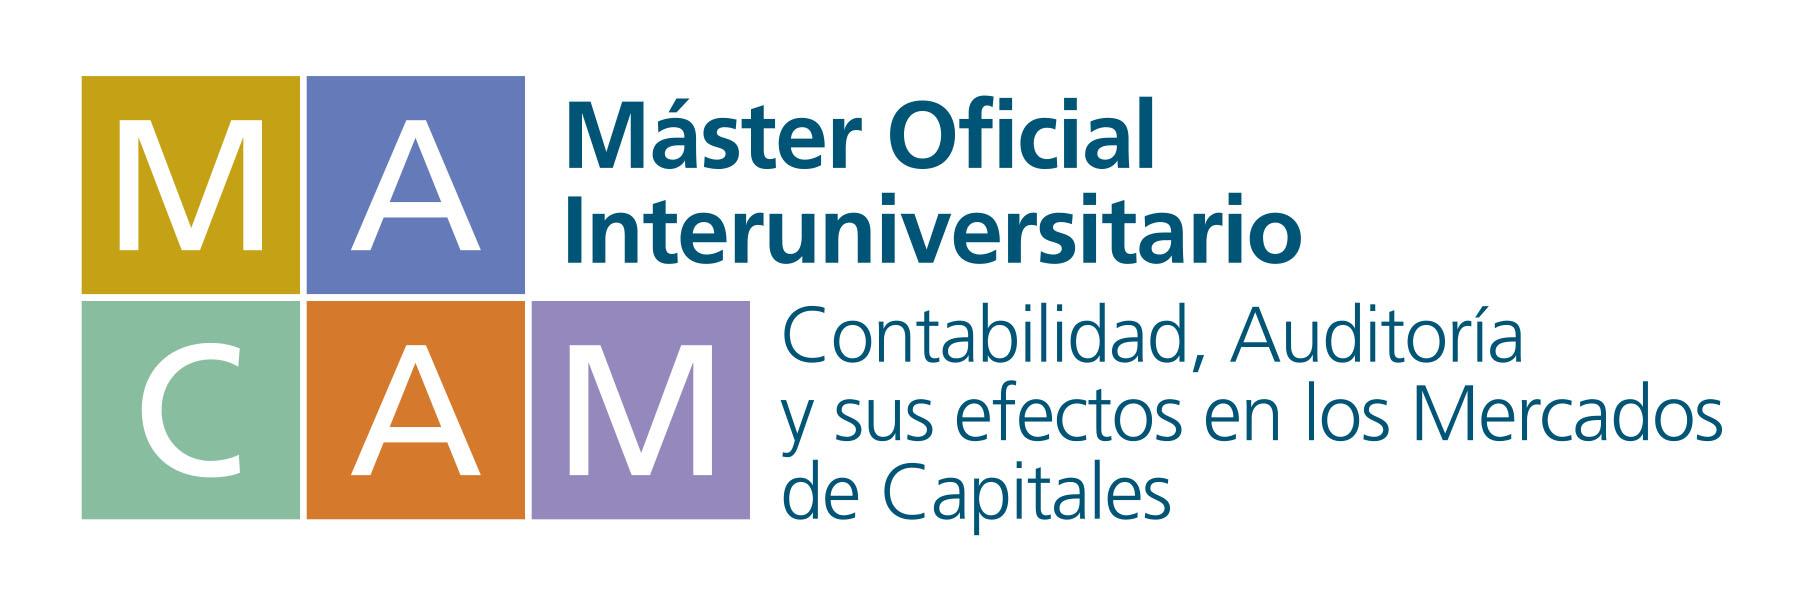 Master Oficial en Contabilidad, Auditoría y Mercados de Capitales